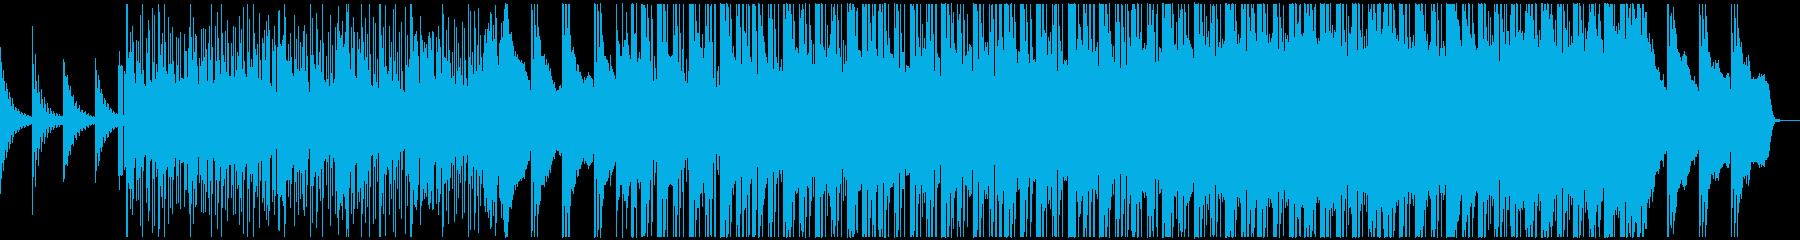 少しずつ盛り上がっていくBGMです。の再生済みの波形